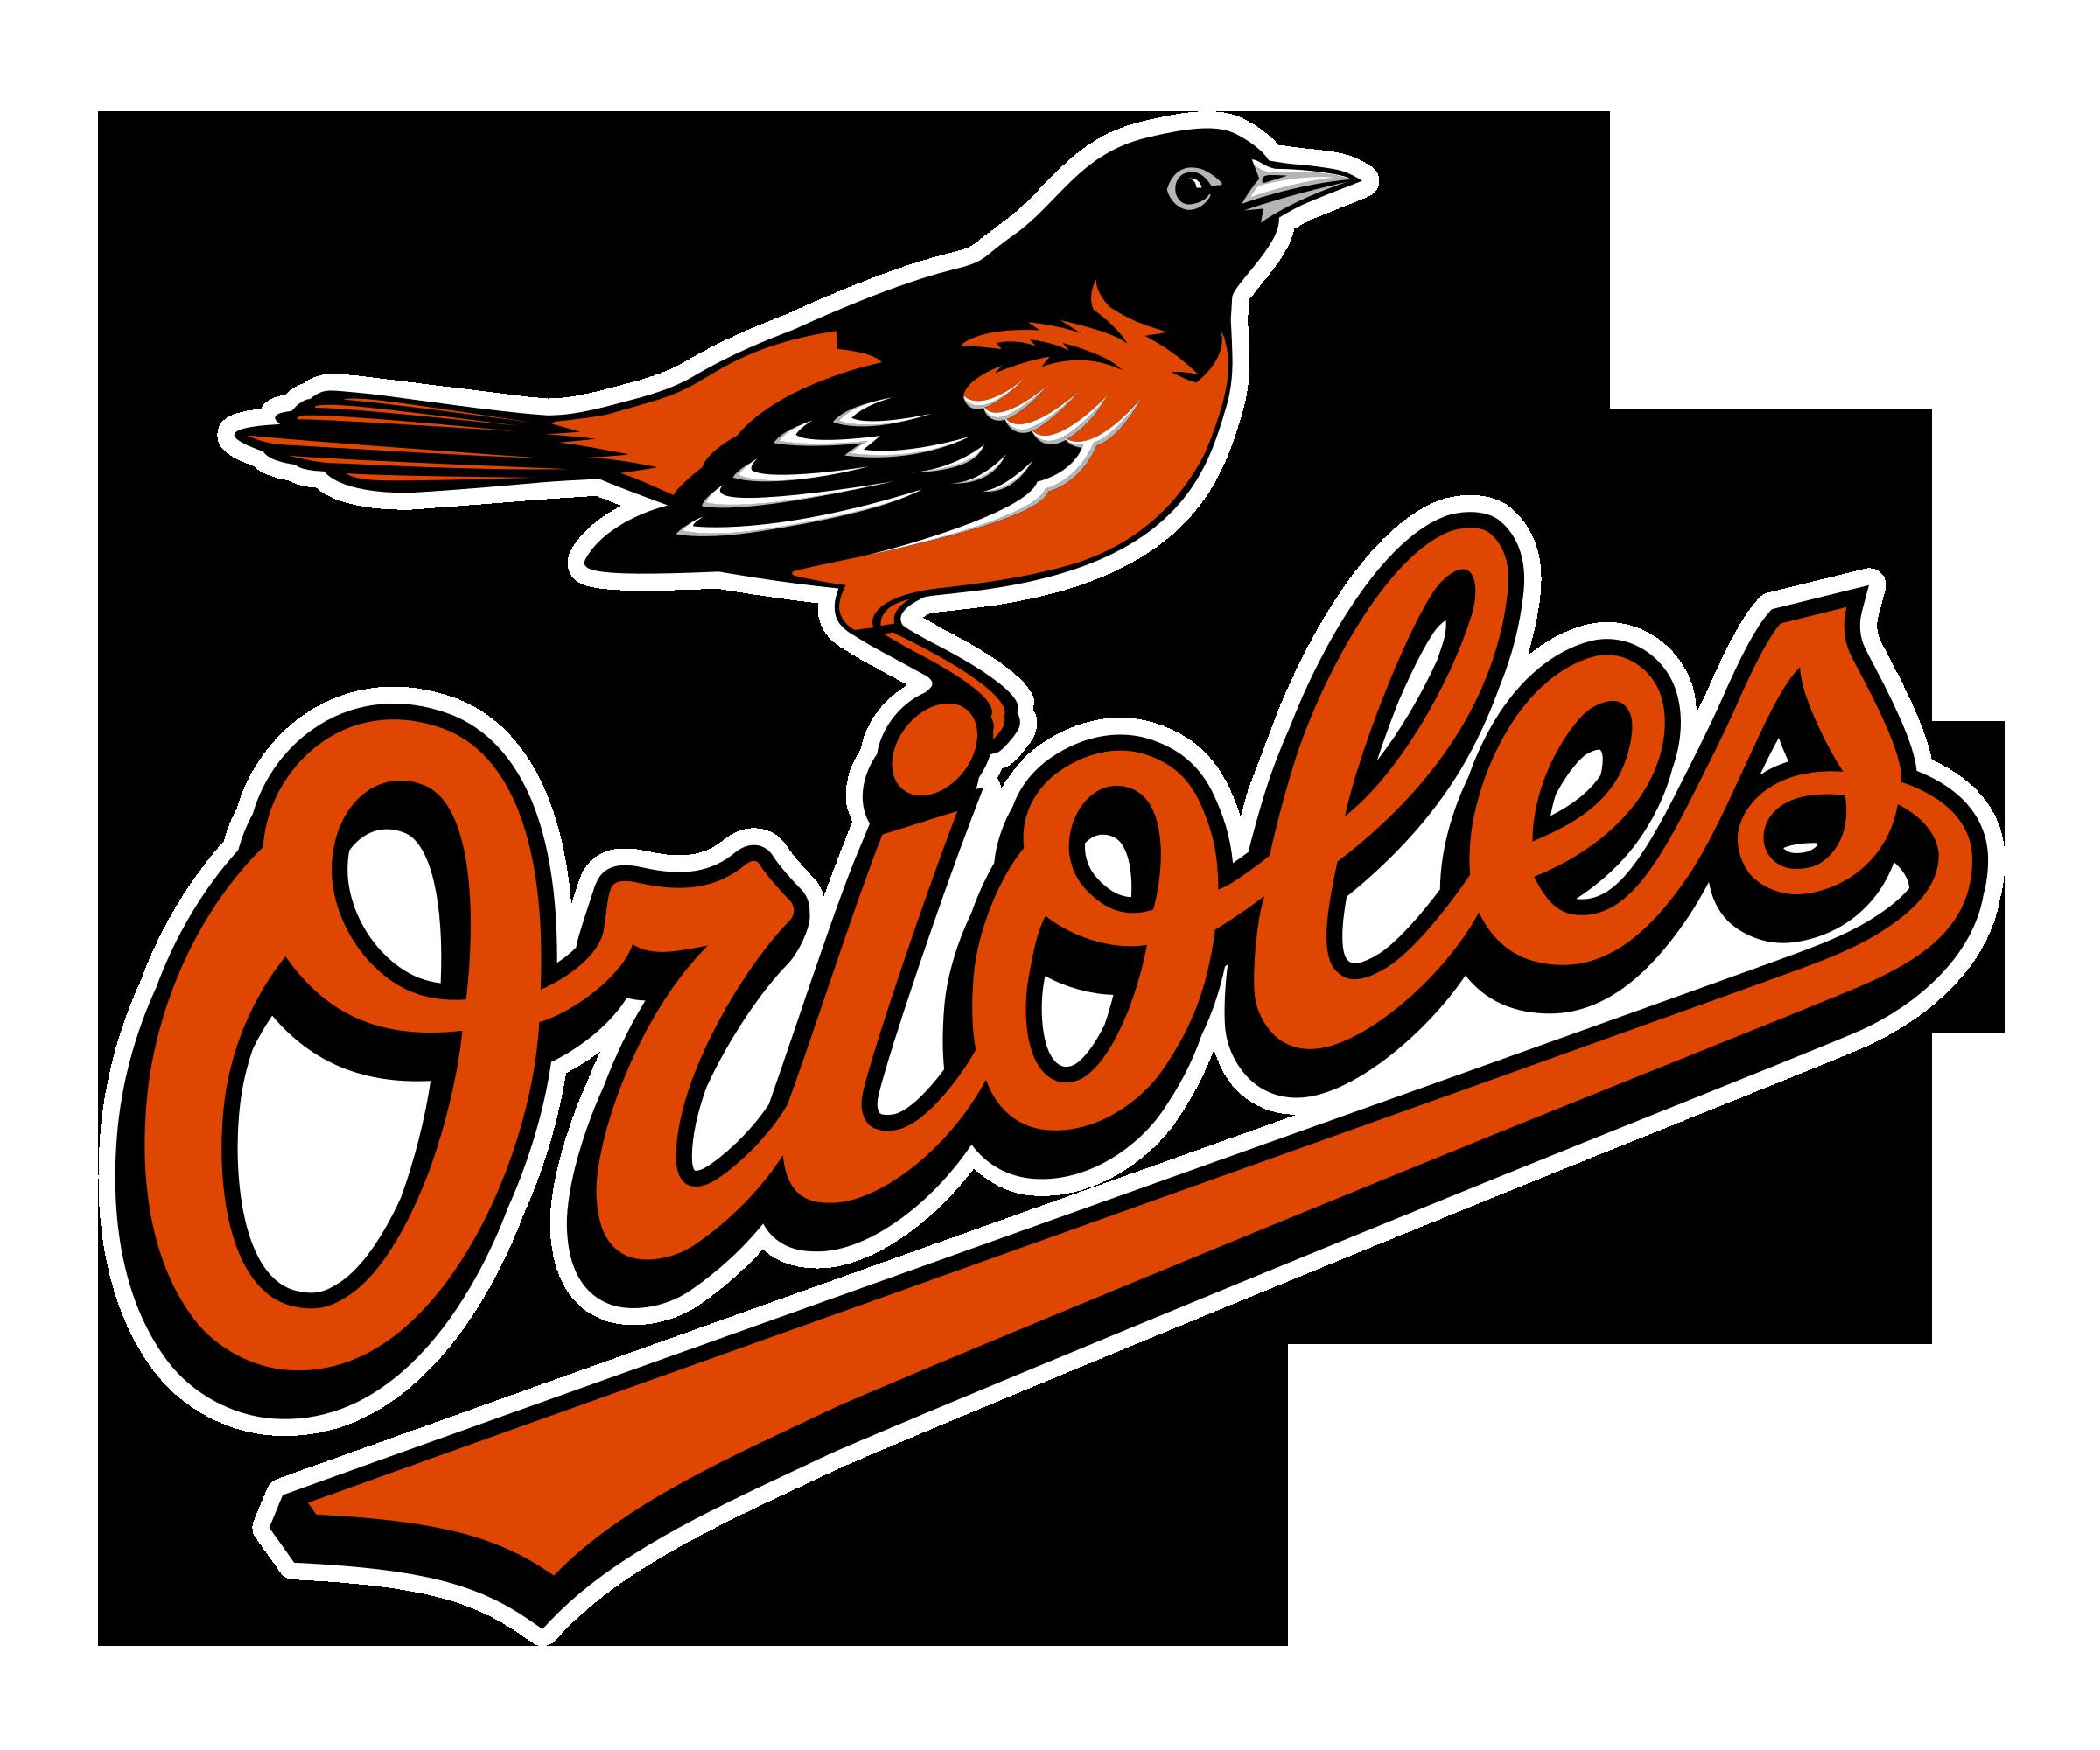 Falcon clipart oriole bird. Baltimore orioles logo png